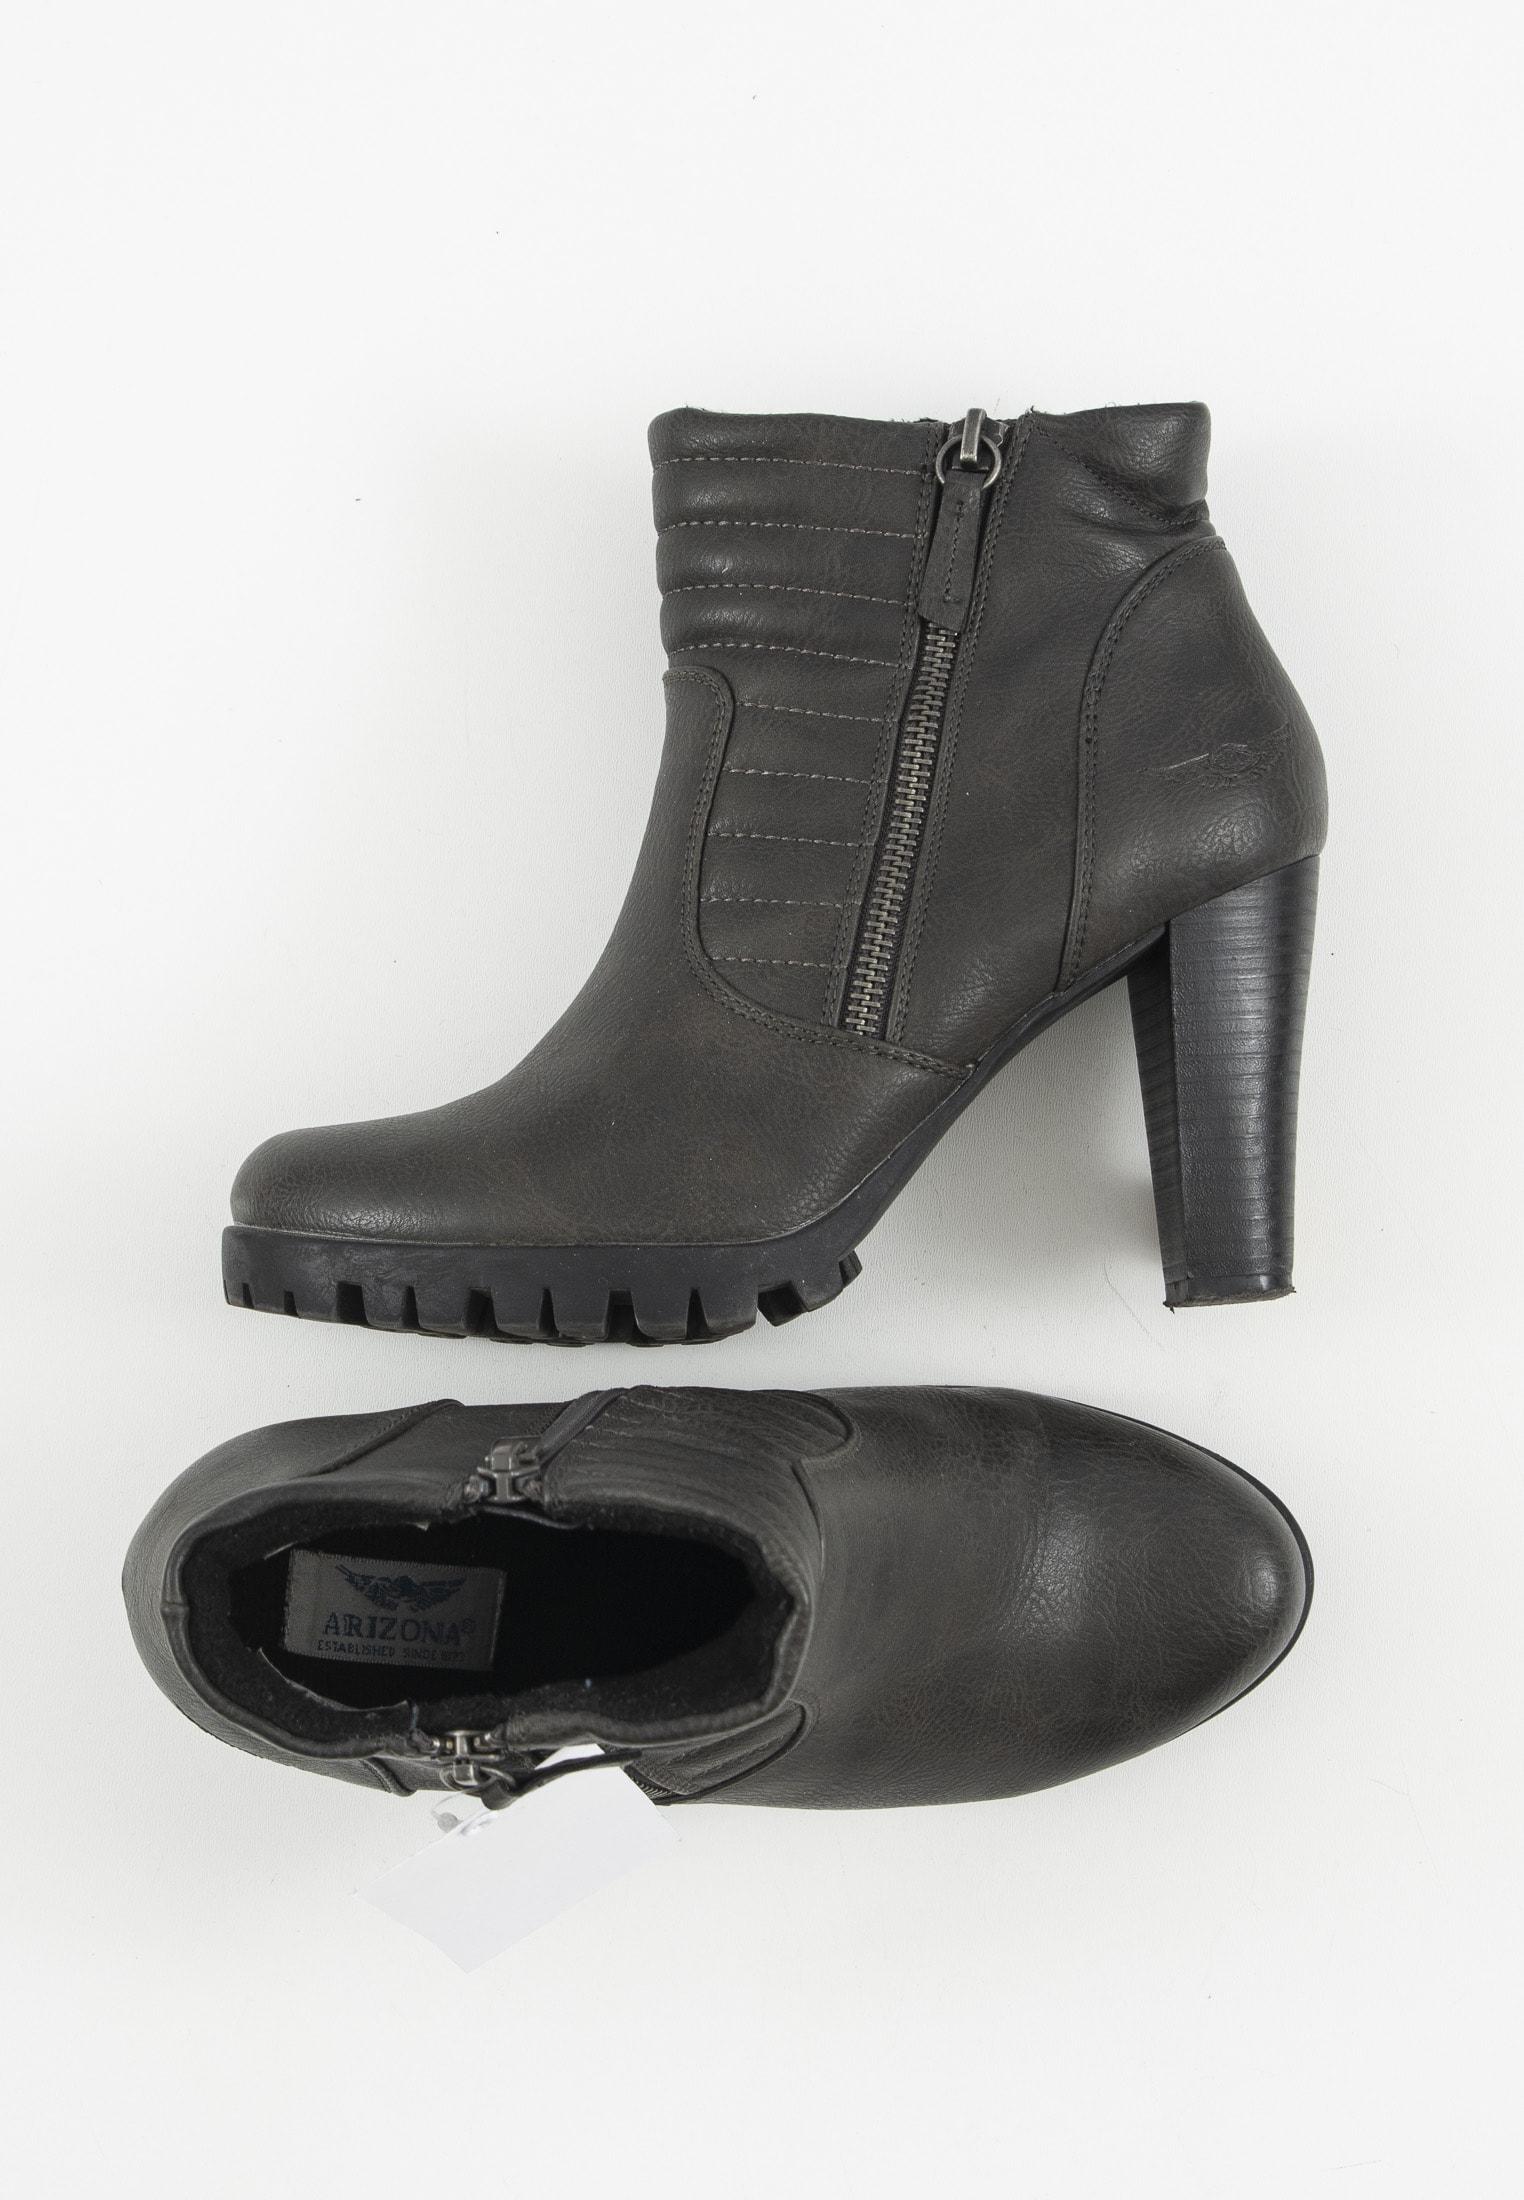 Arizona Stiefel / Stiefelette / Boots Grau Gr.37